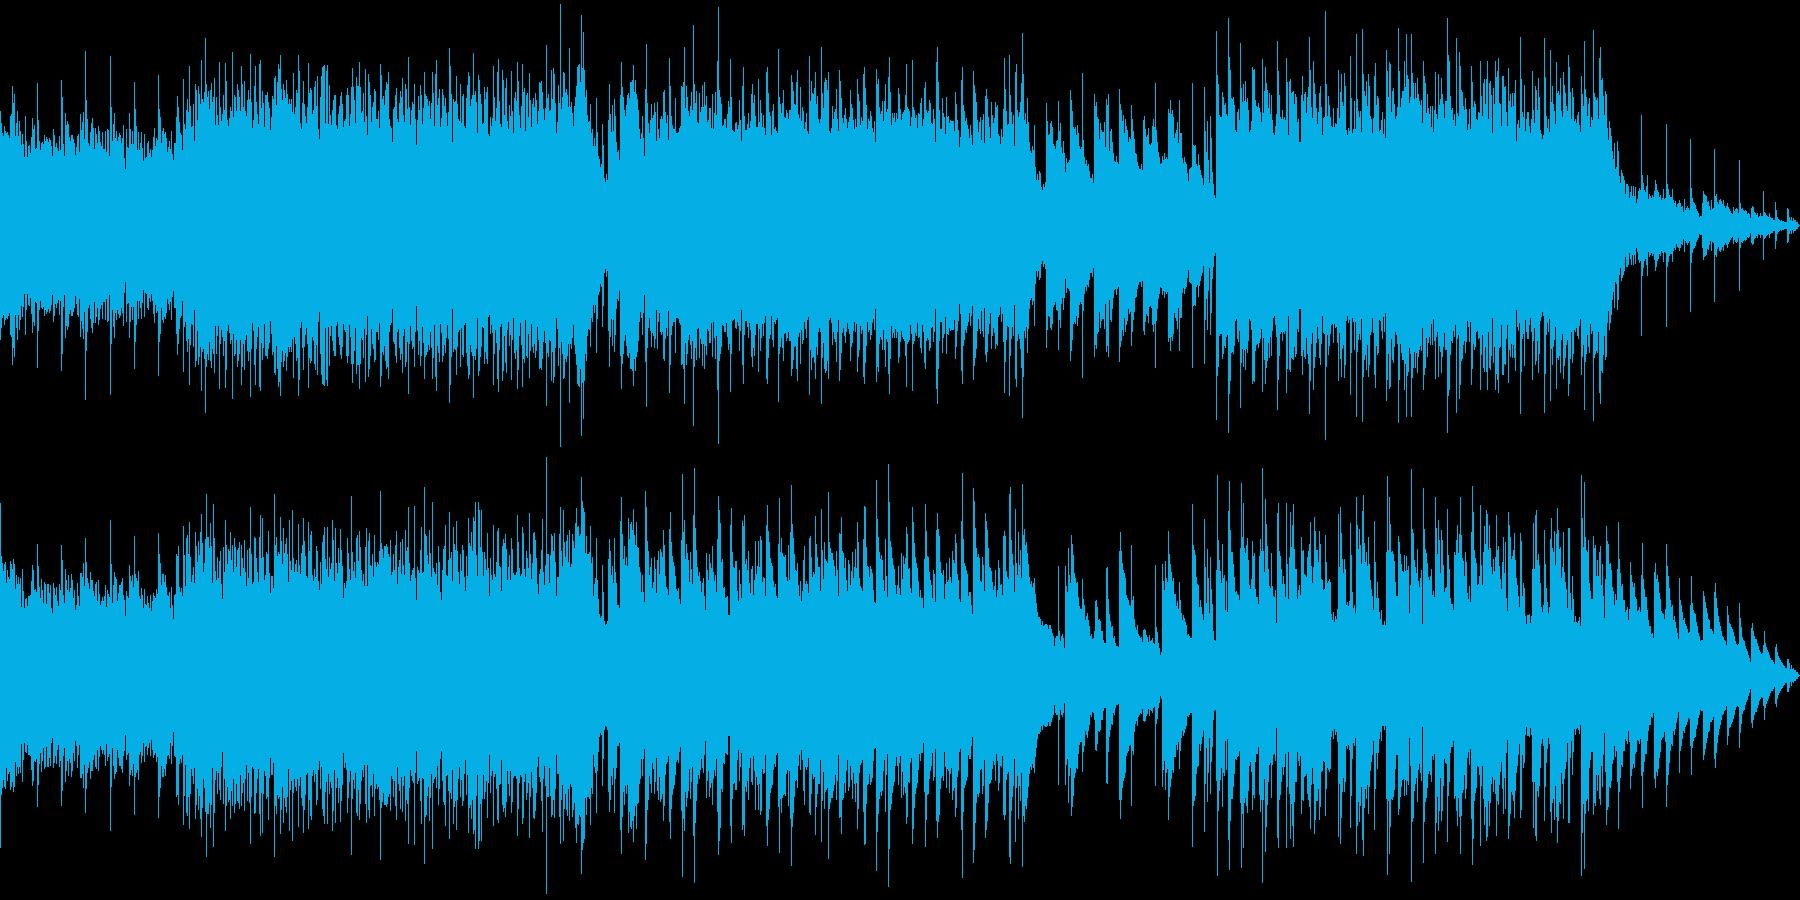 青い海と大空をイメージしたロックです。の再生済みの波形